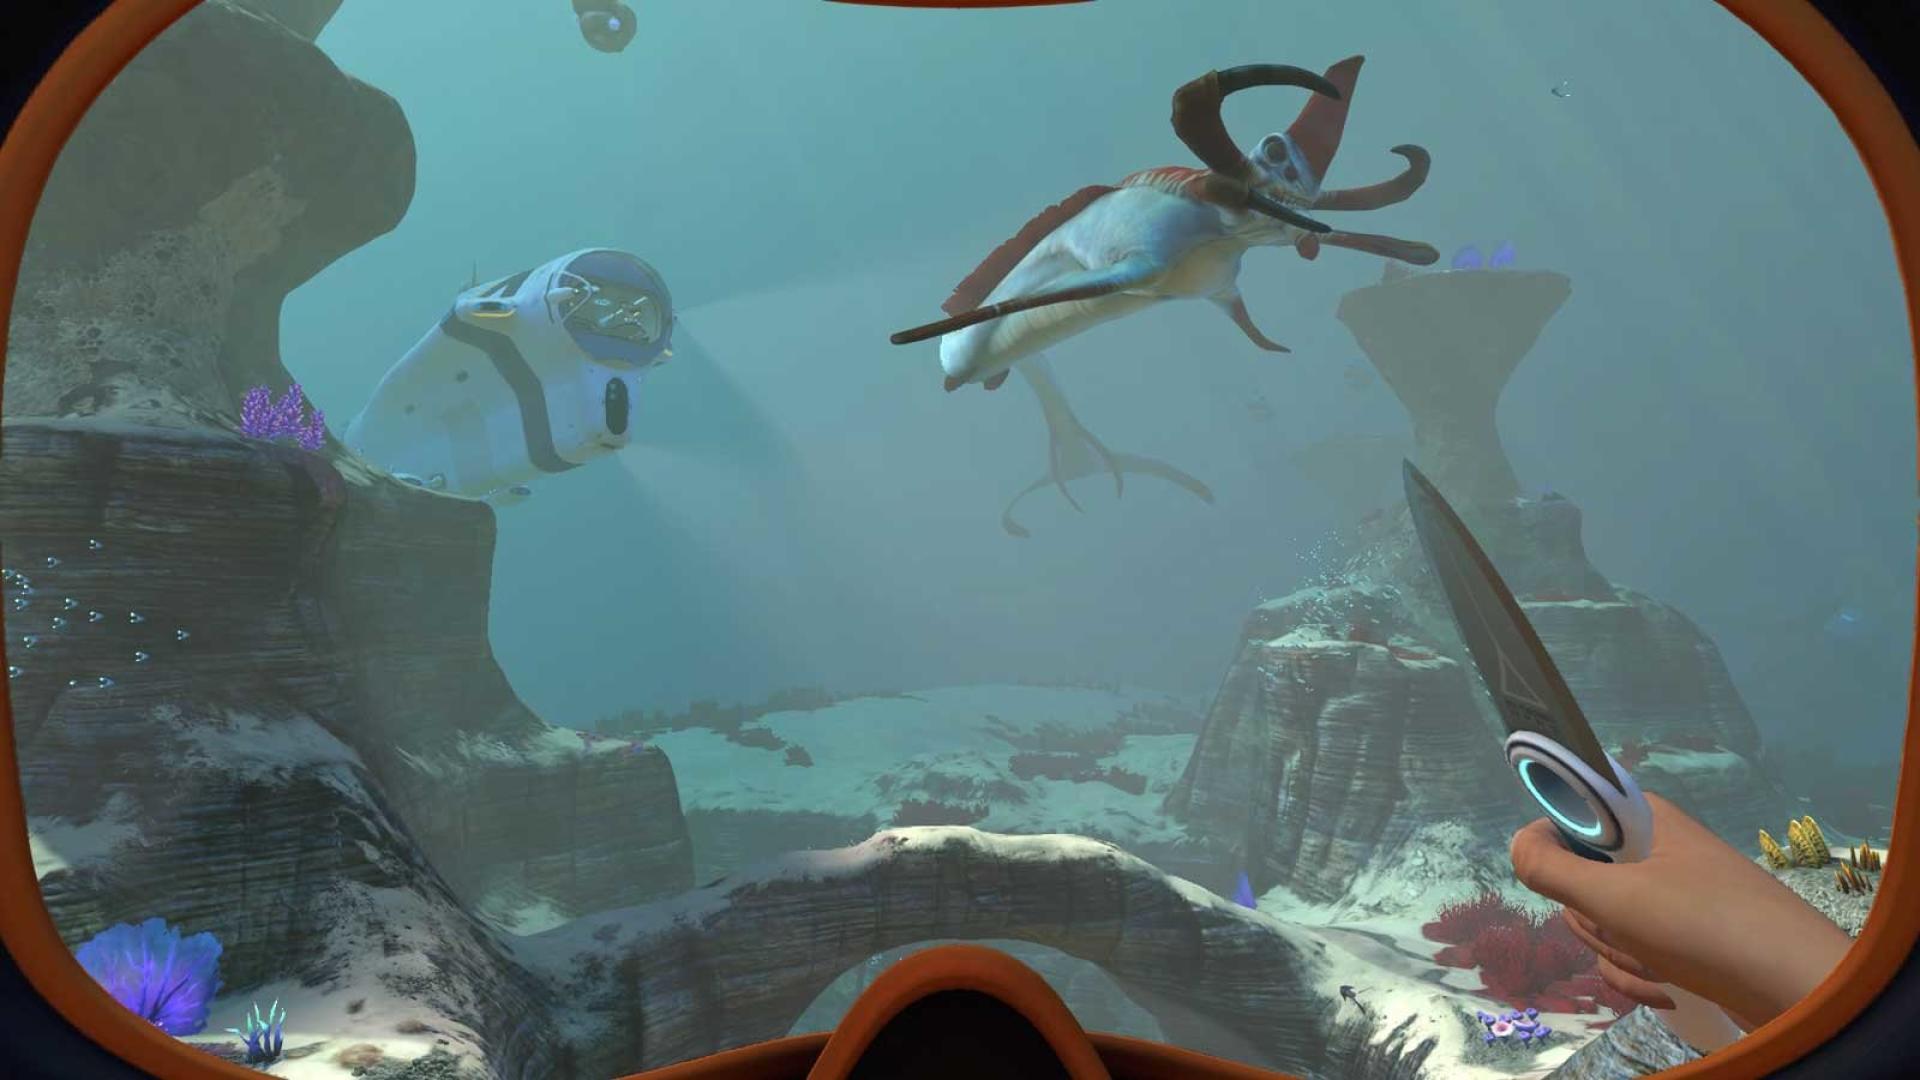 Paradoxe d'un chef-d'oeuvre immersif comme« Subnautica» : il met en valeur les fonds marins et leur écosystème, mais oblige le joueur à se comporter en pilleur pour survivre.